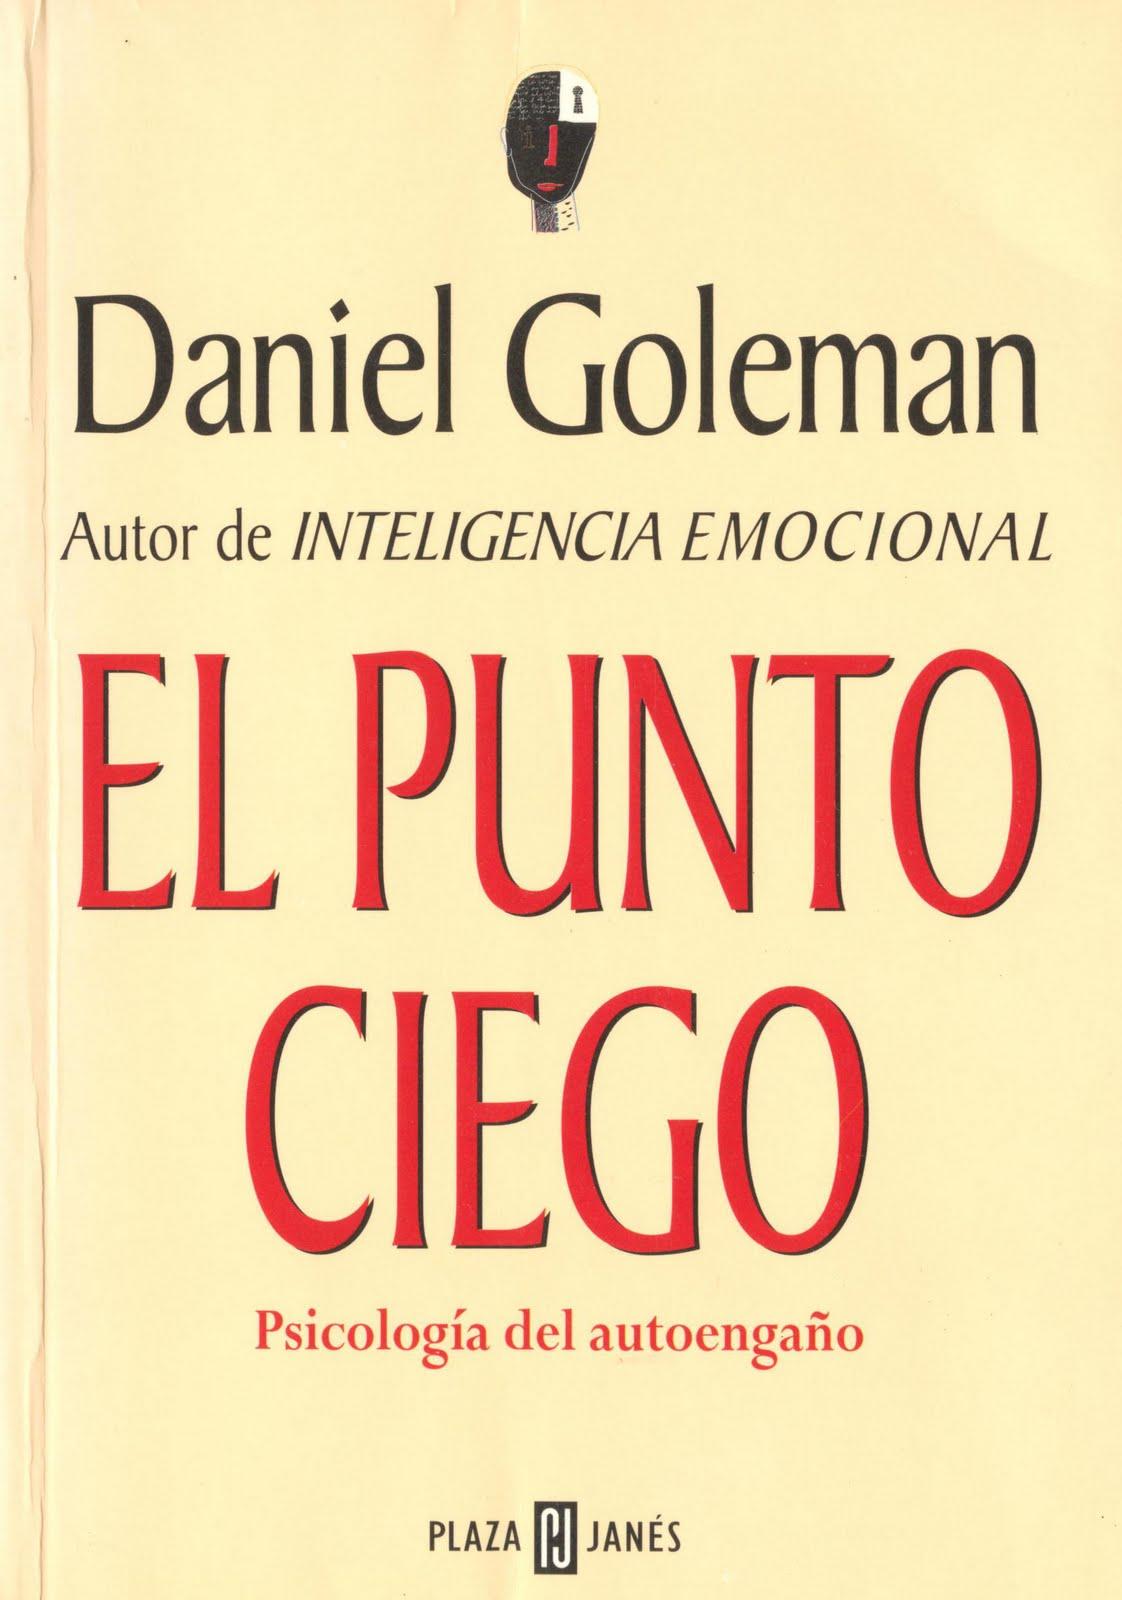 642 Pdf El Punto Ciego Daniel Goleman Libros